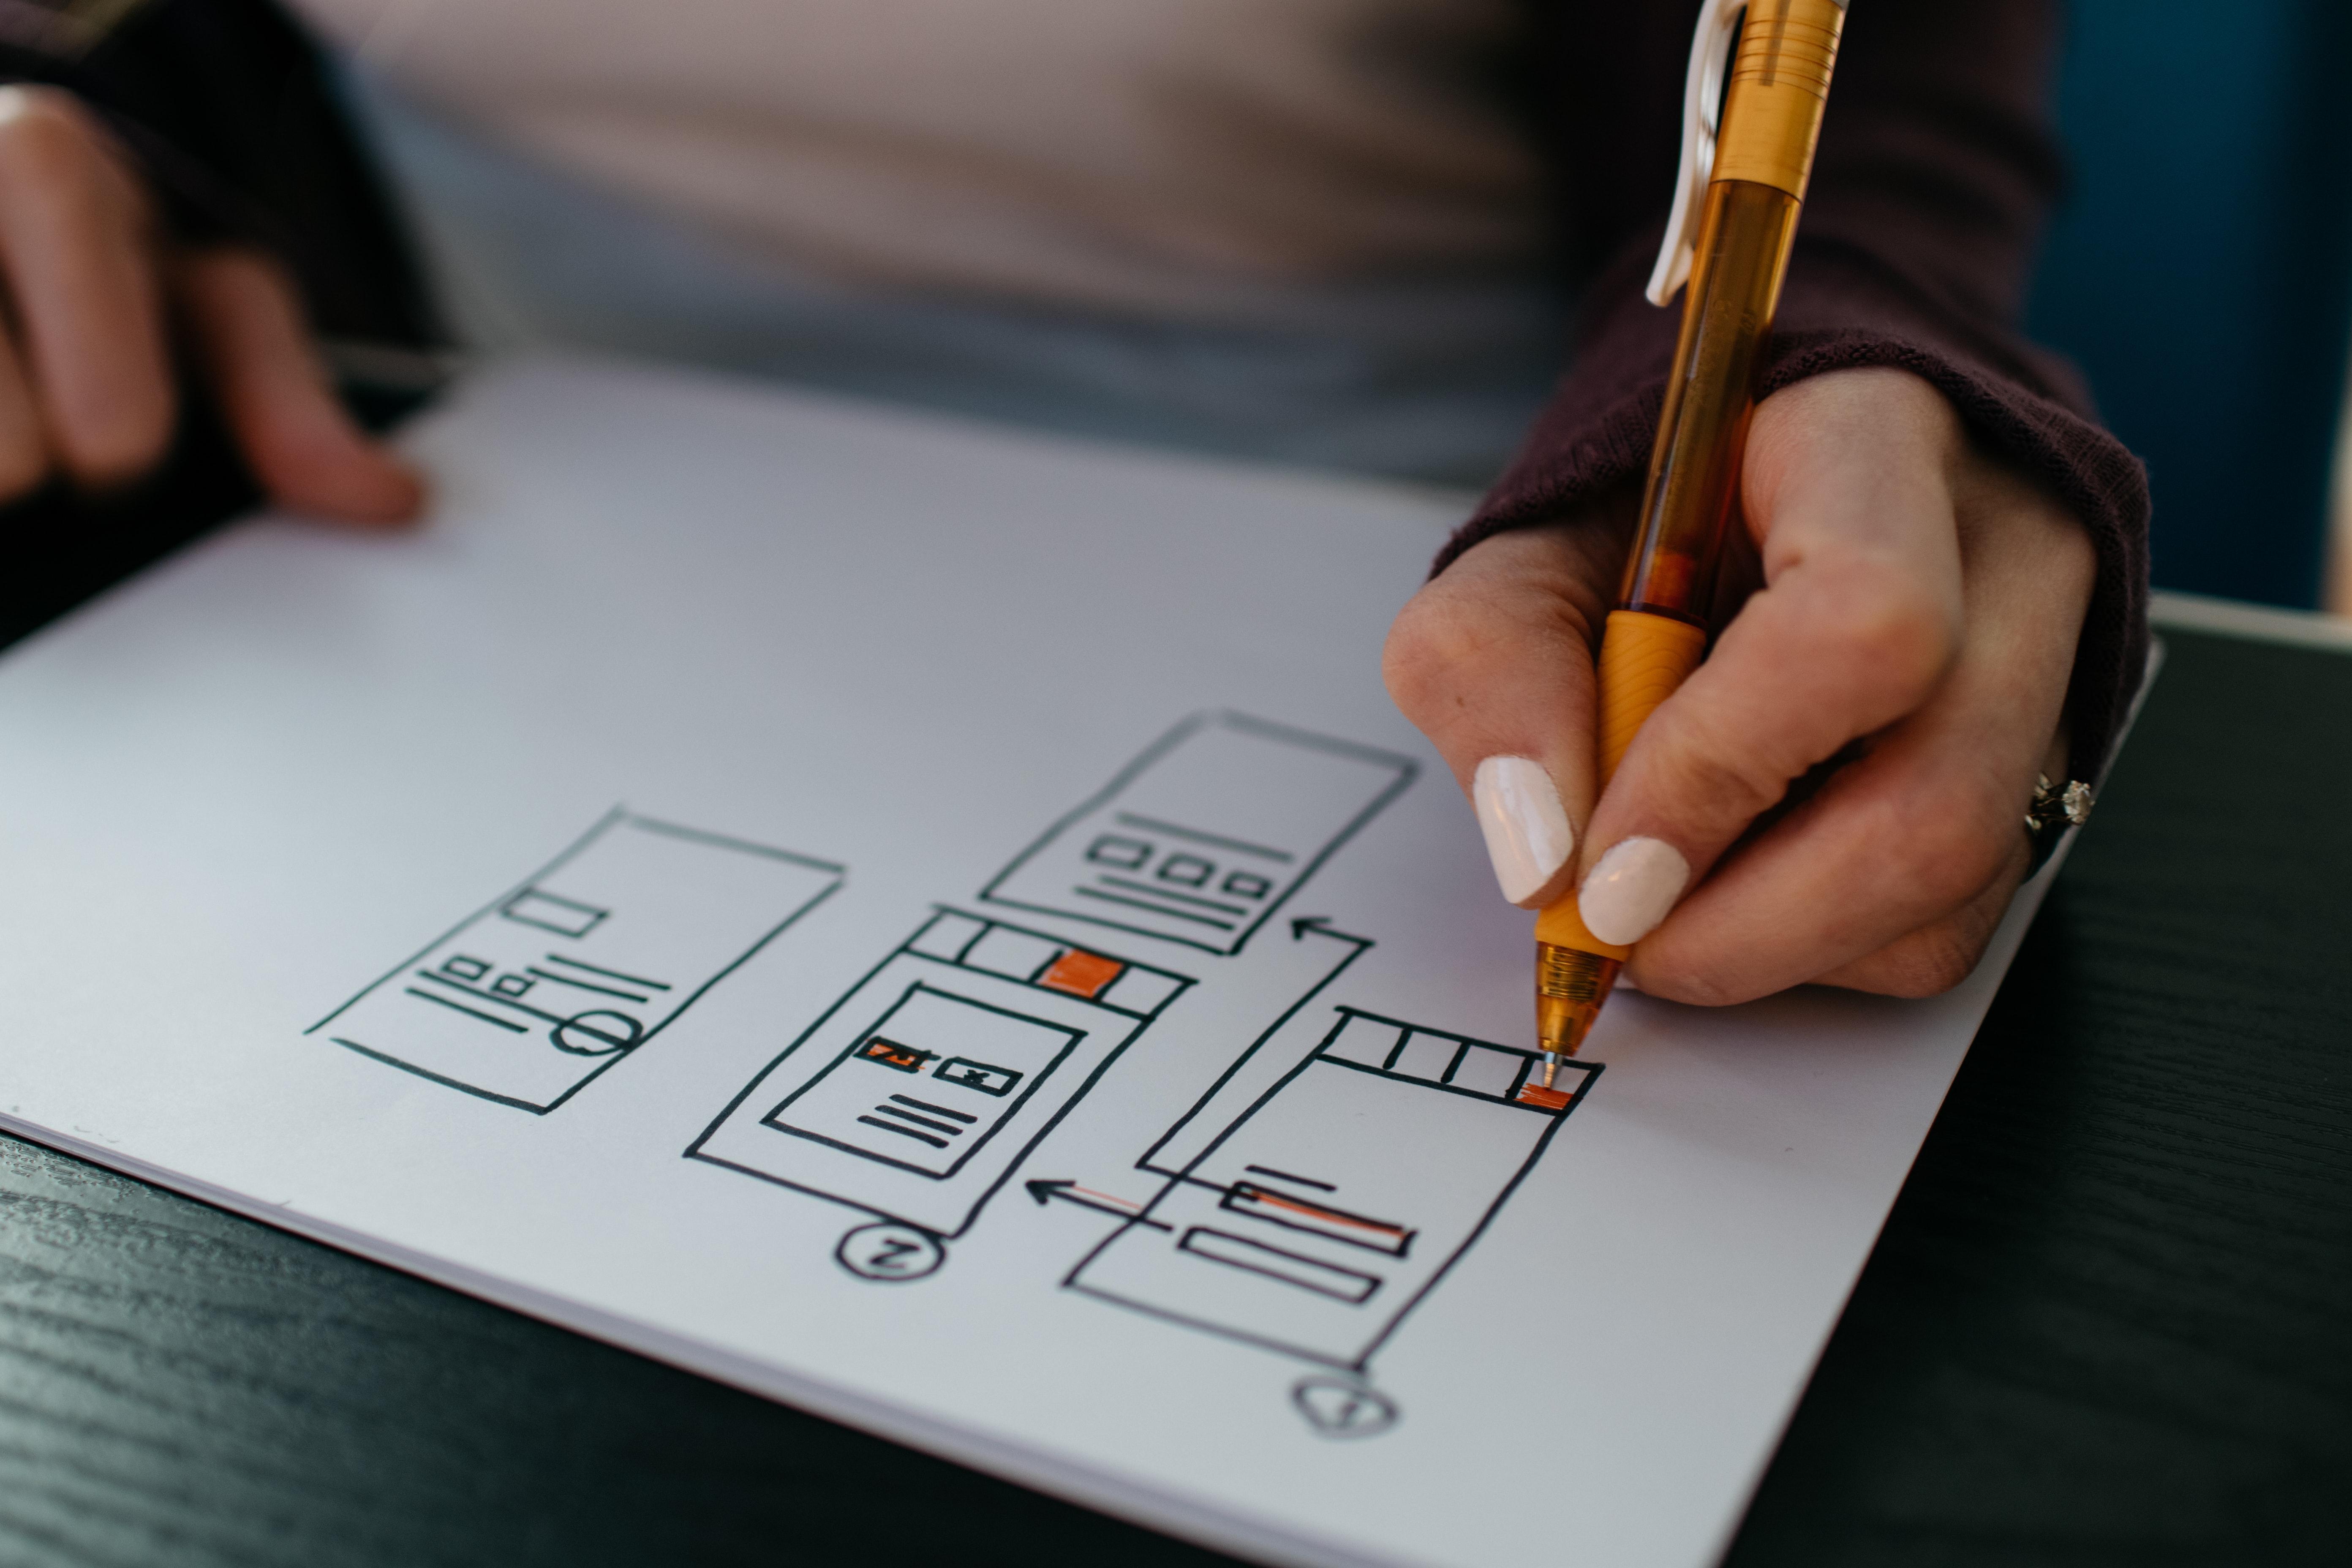 Designer drawing a website wireframe